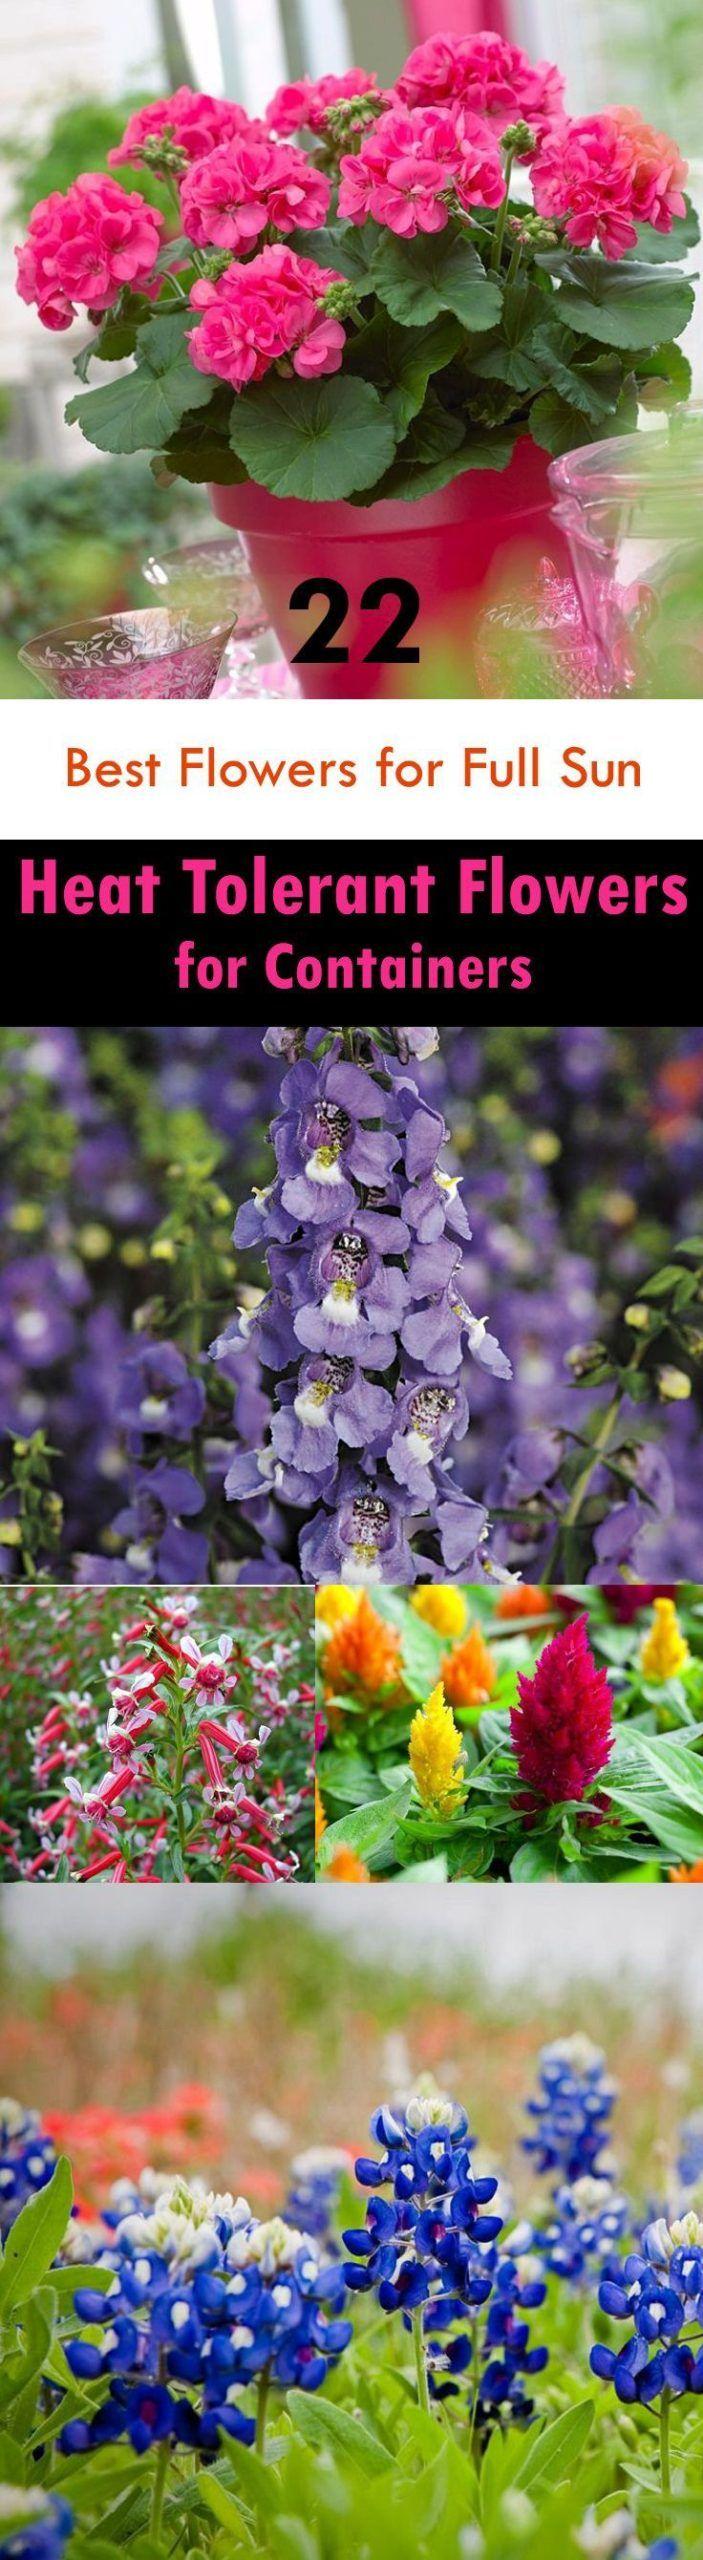 22 Besten Blumen Fur Volle Sonne Hitzebestandige Blumen Fur Behalter Beste Blumen Blumen Im Blumentopf Bluhende Pflanzen